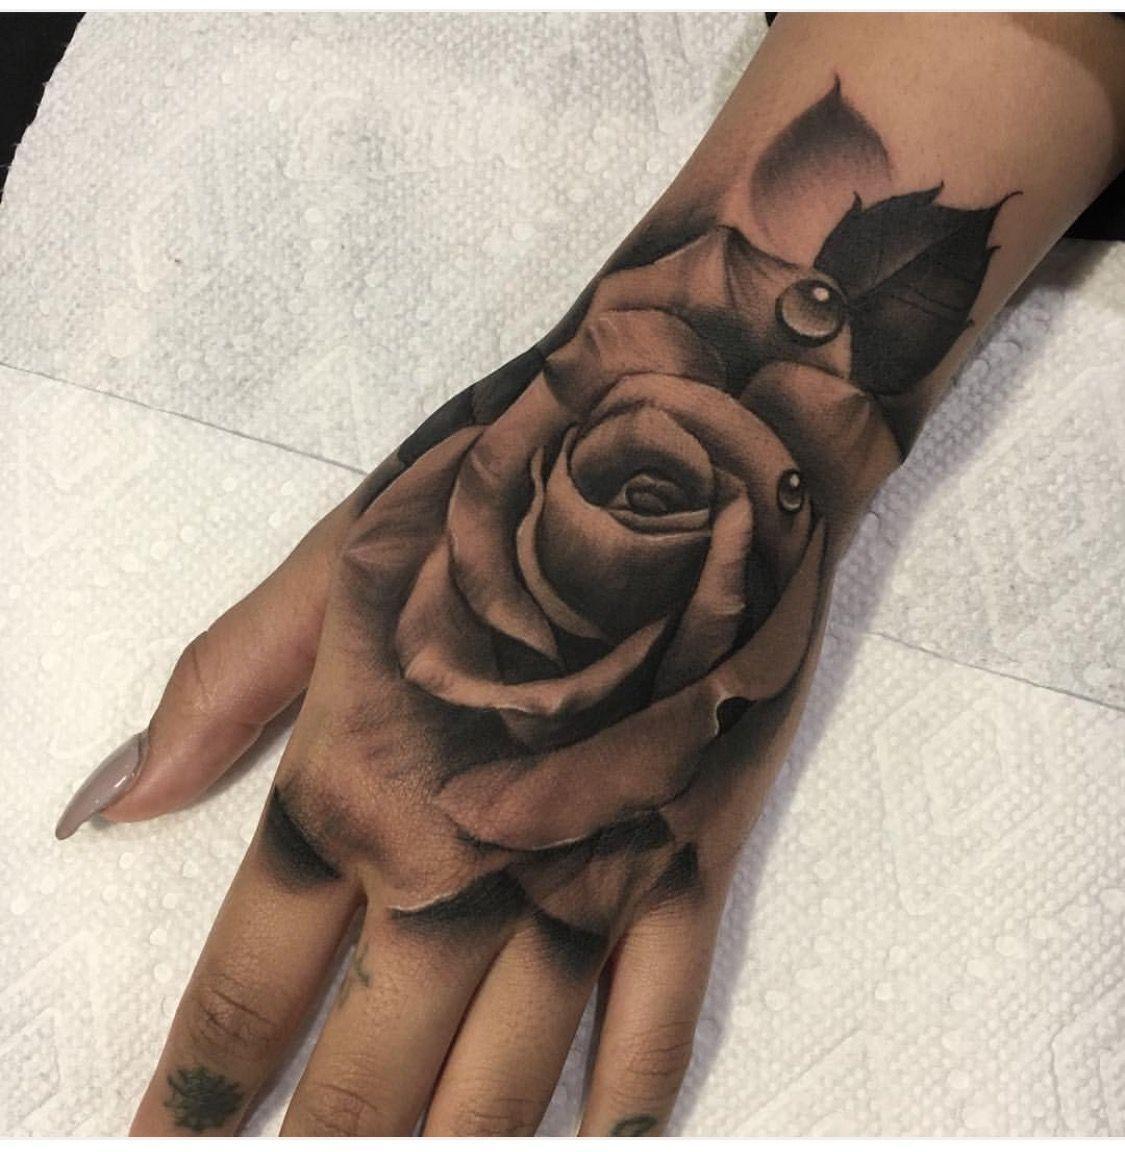 20 idee per tatuaggi a mano di donne famose che amano l'inchiostro | I AM & CO®